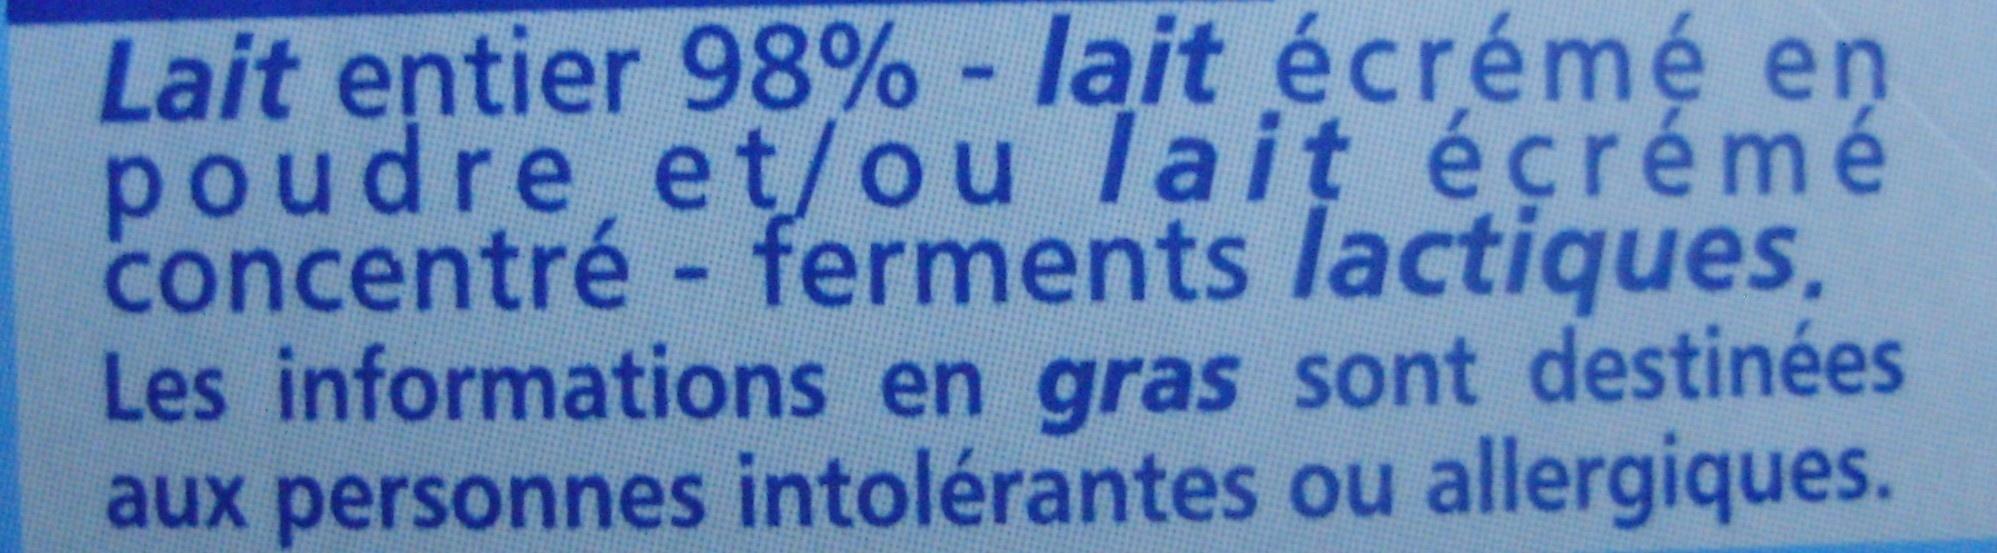 Yaourt au lait entier Nature (4 Pots) - Ingrédients - fr